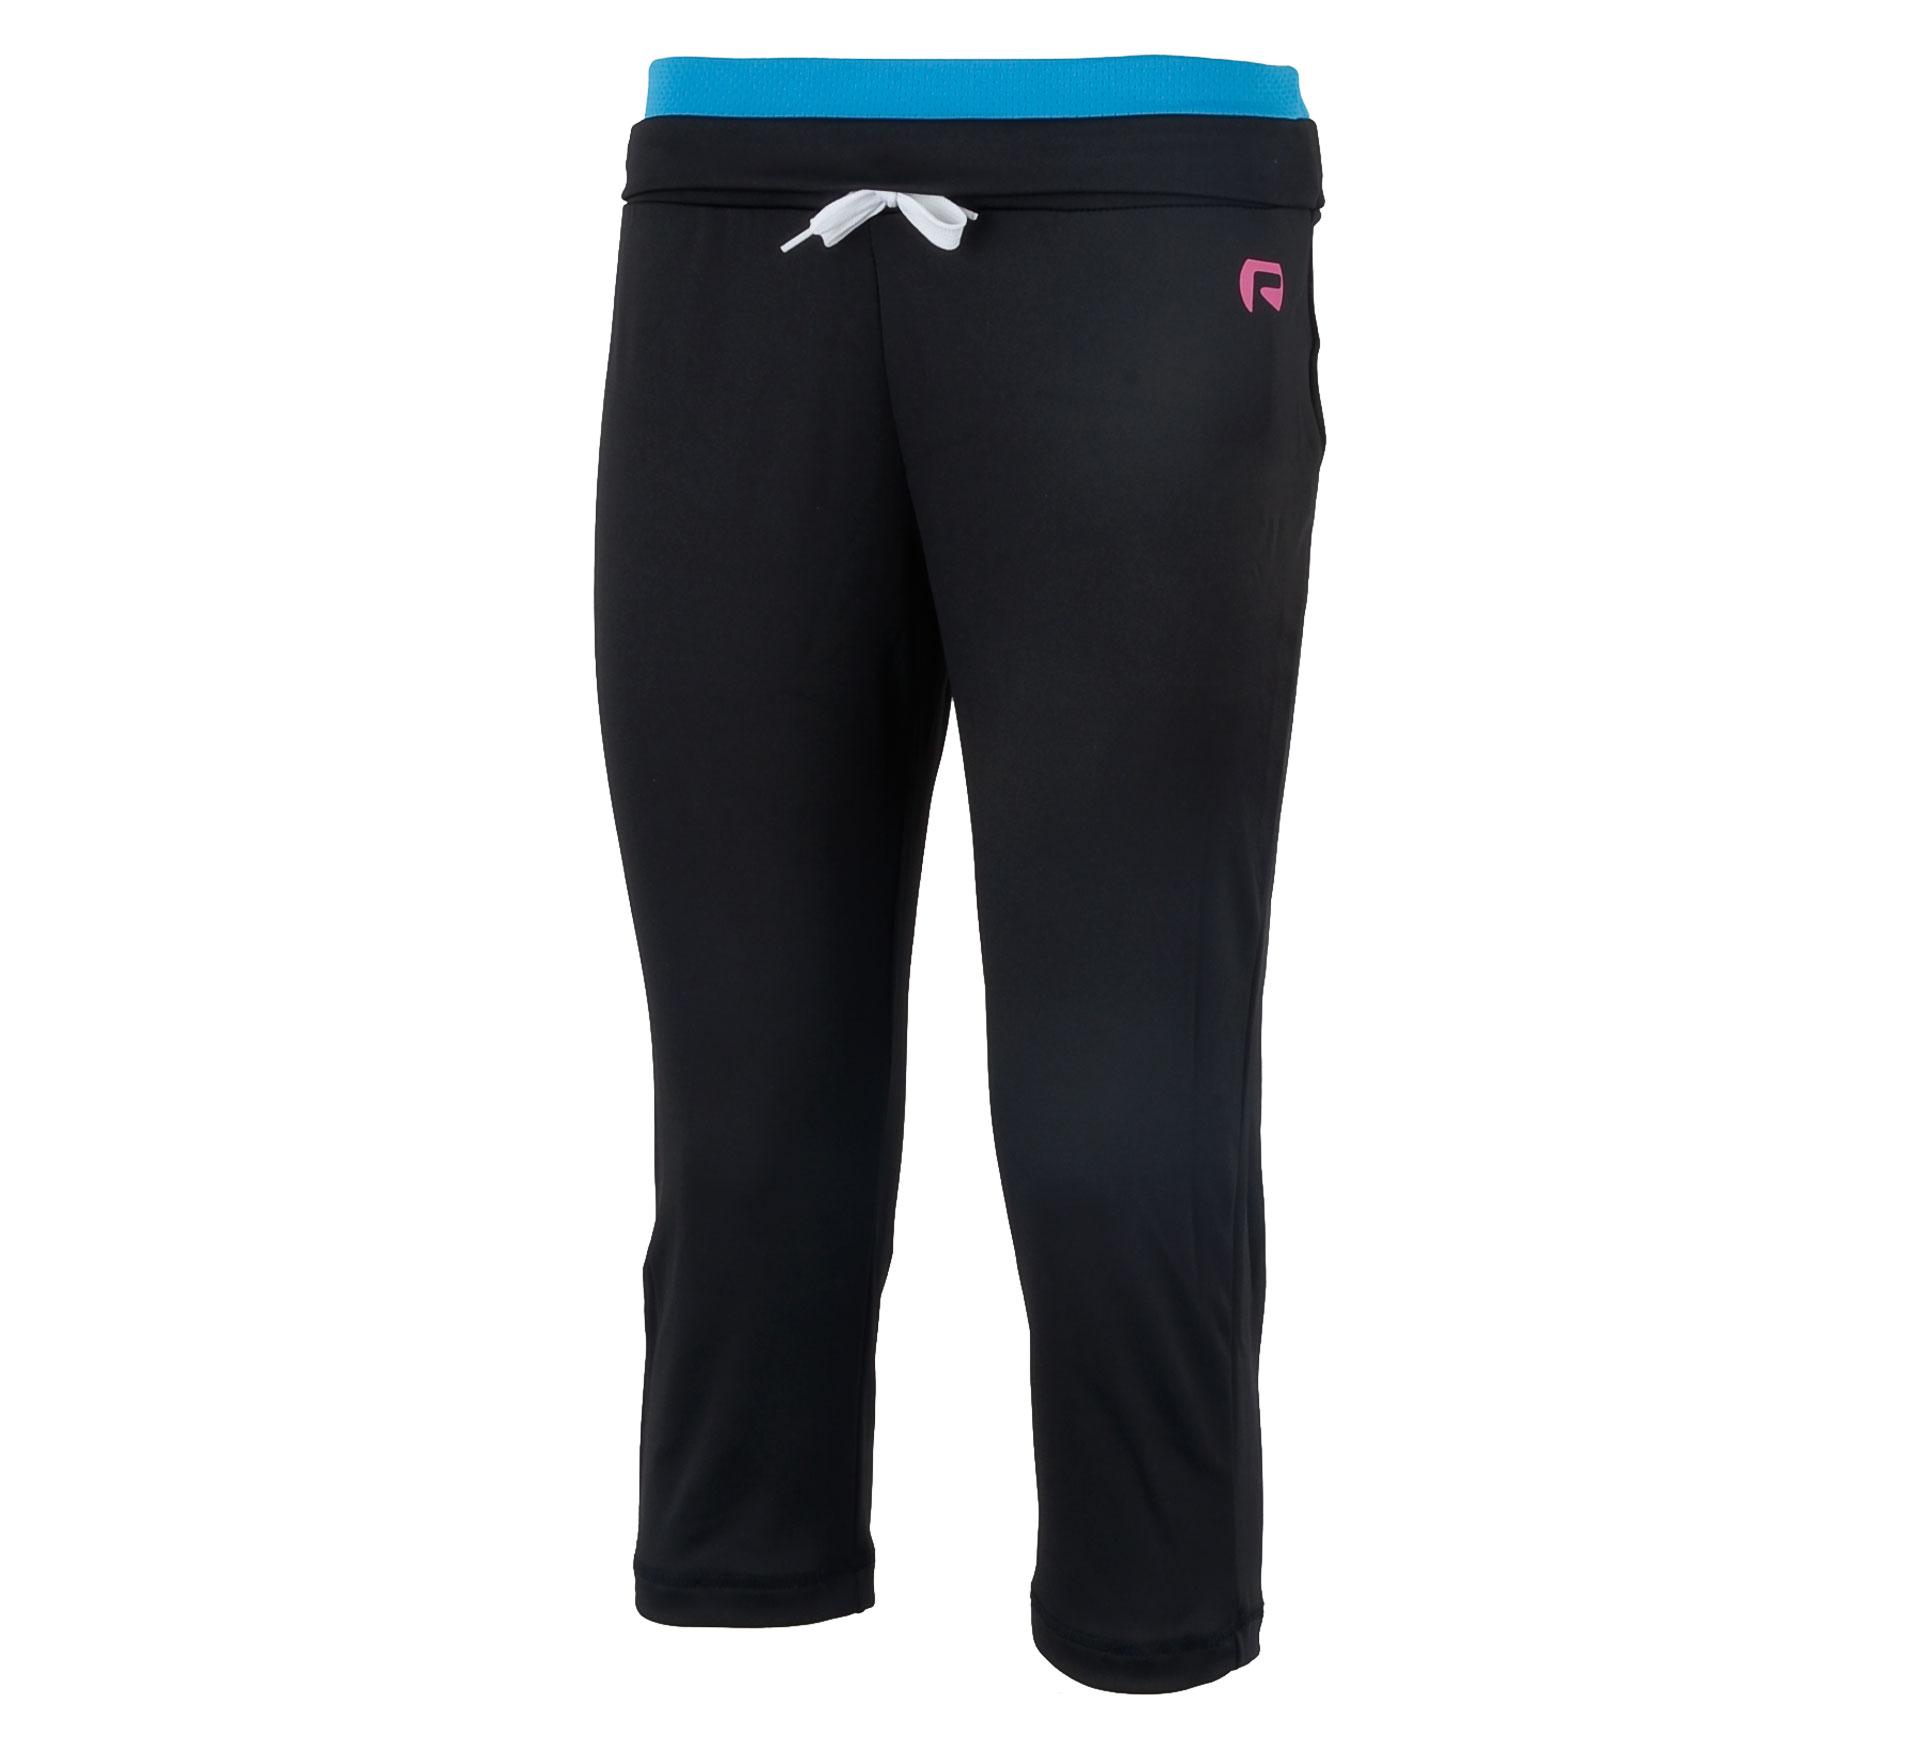 Redmax Fitness 3/4 Broek Dames zwart - blauw